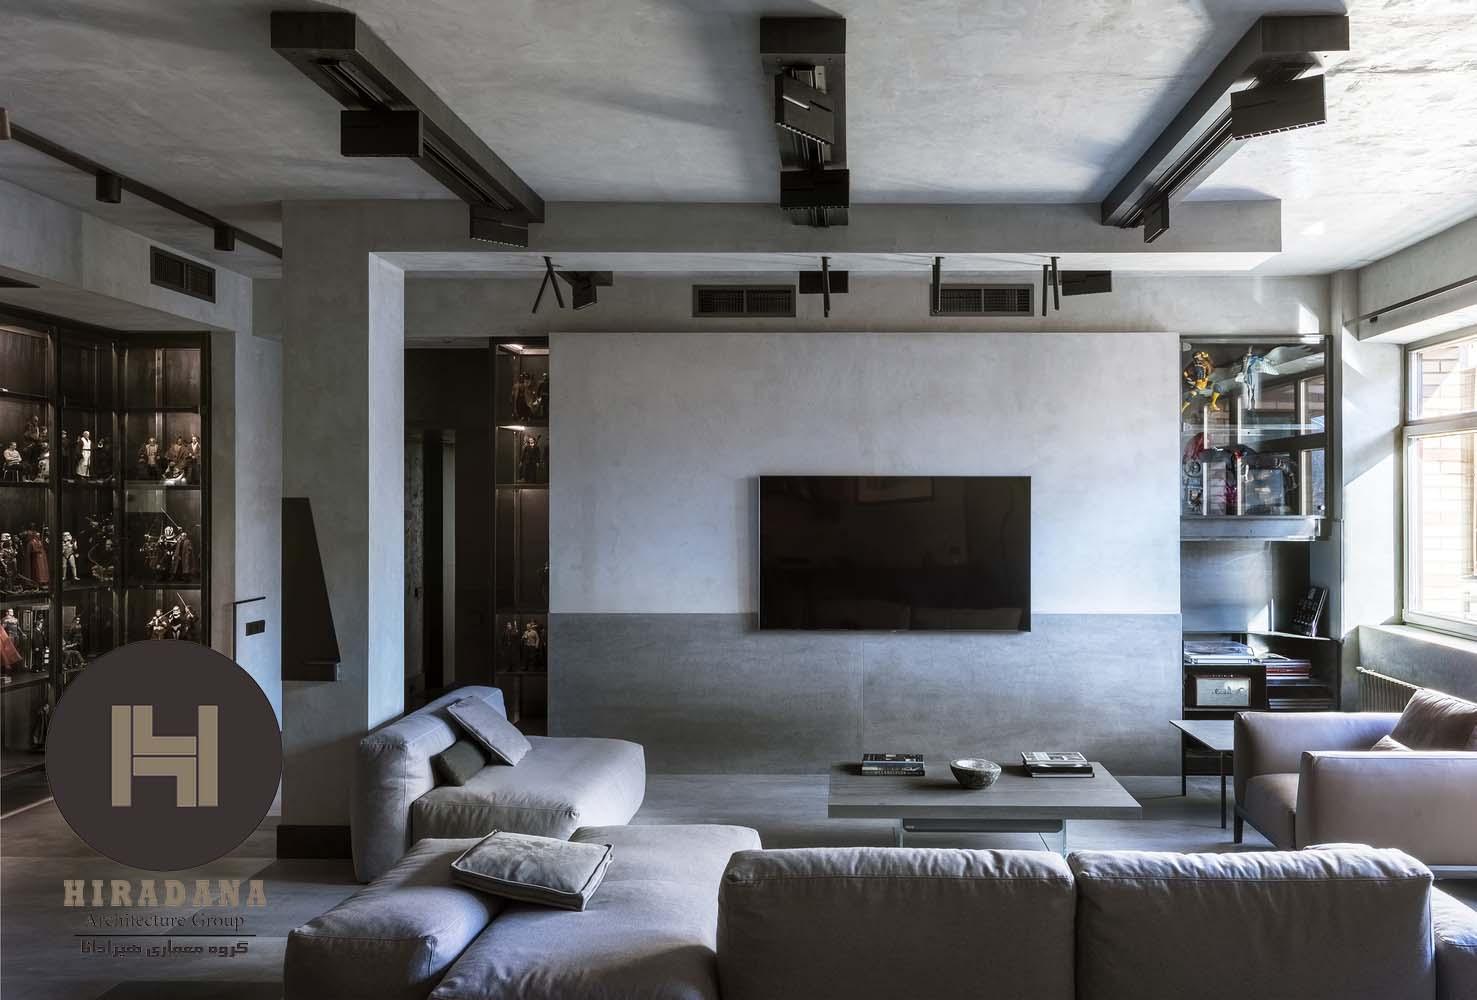 بازسازی منزل با استفاده از رنگ خاکستری